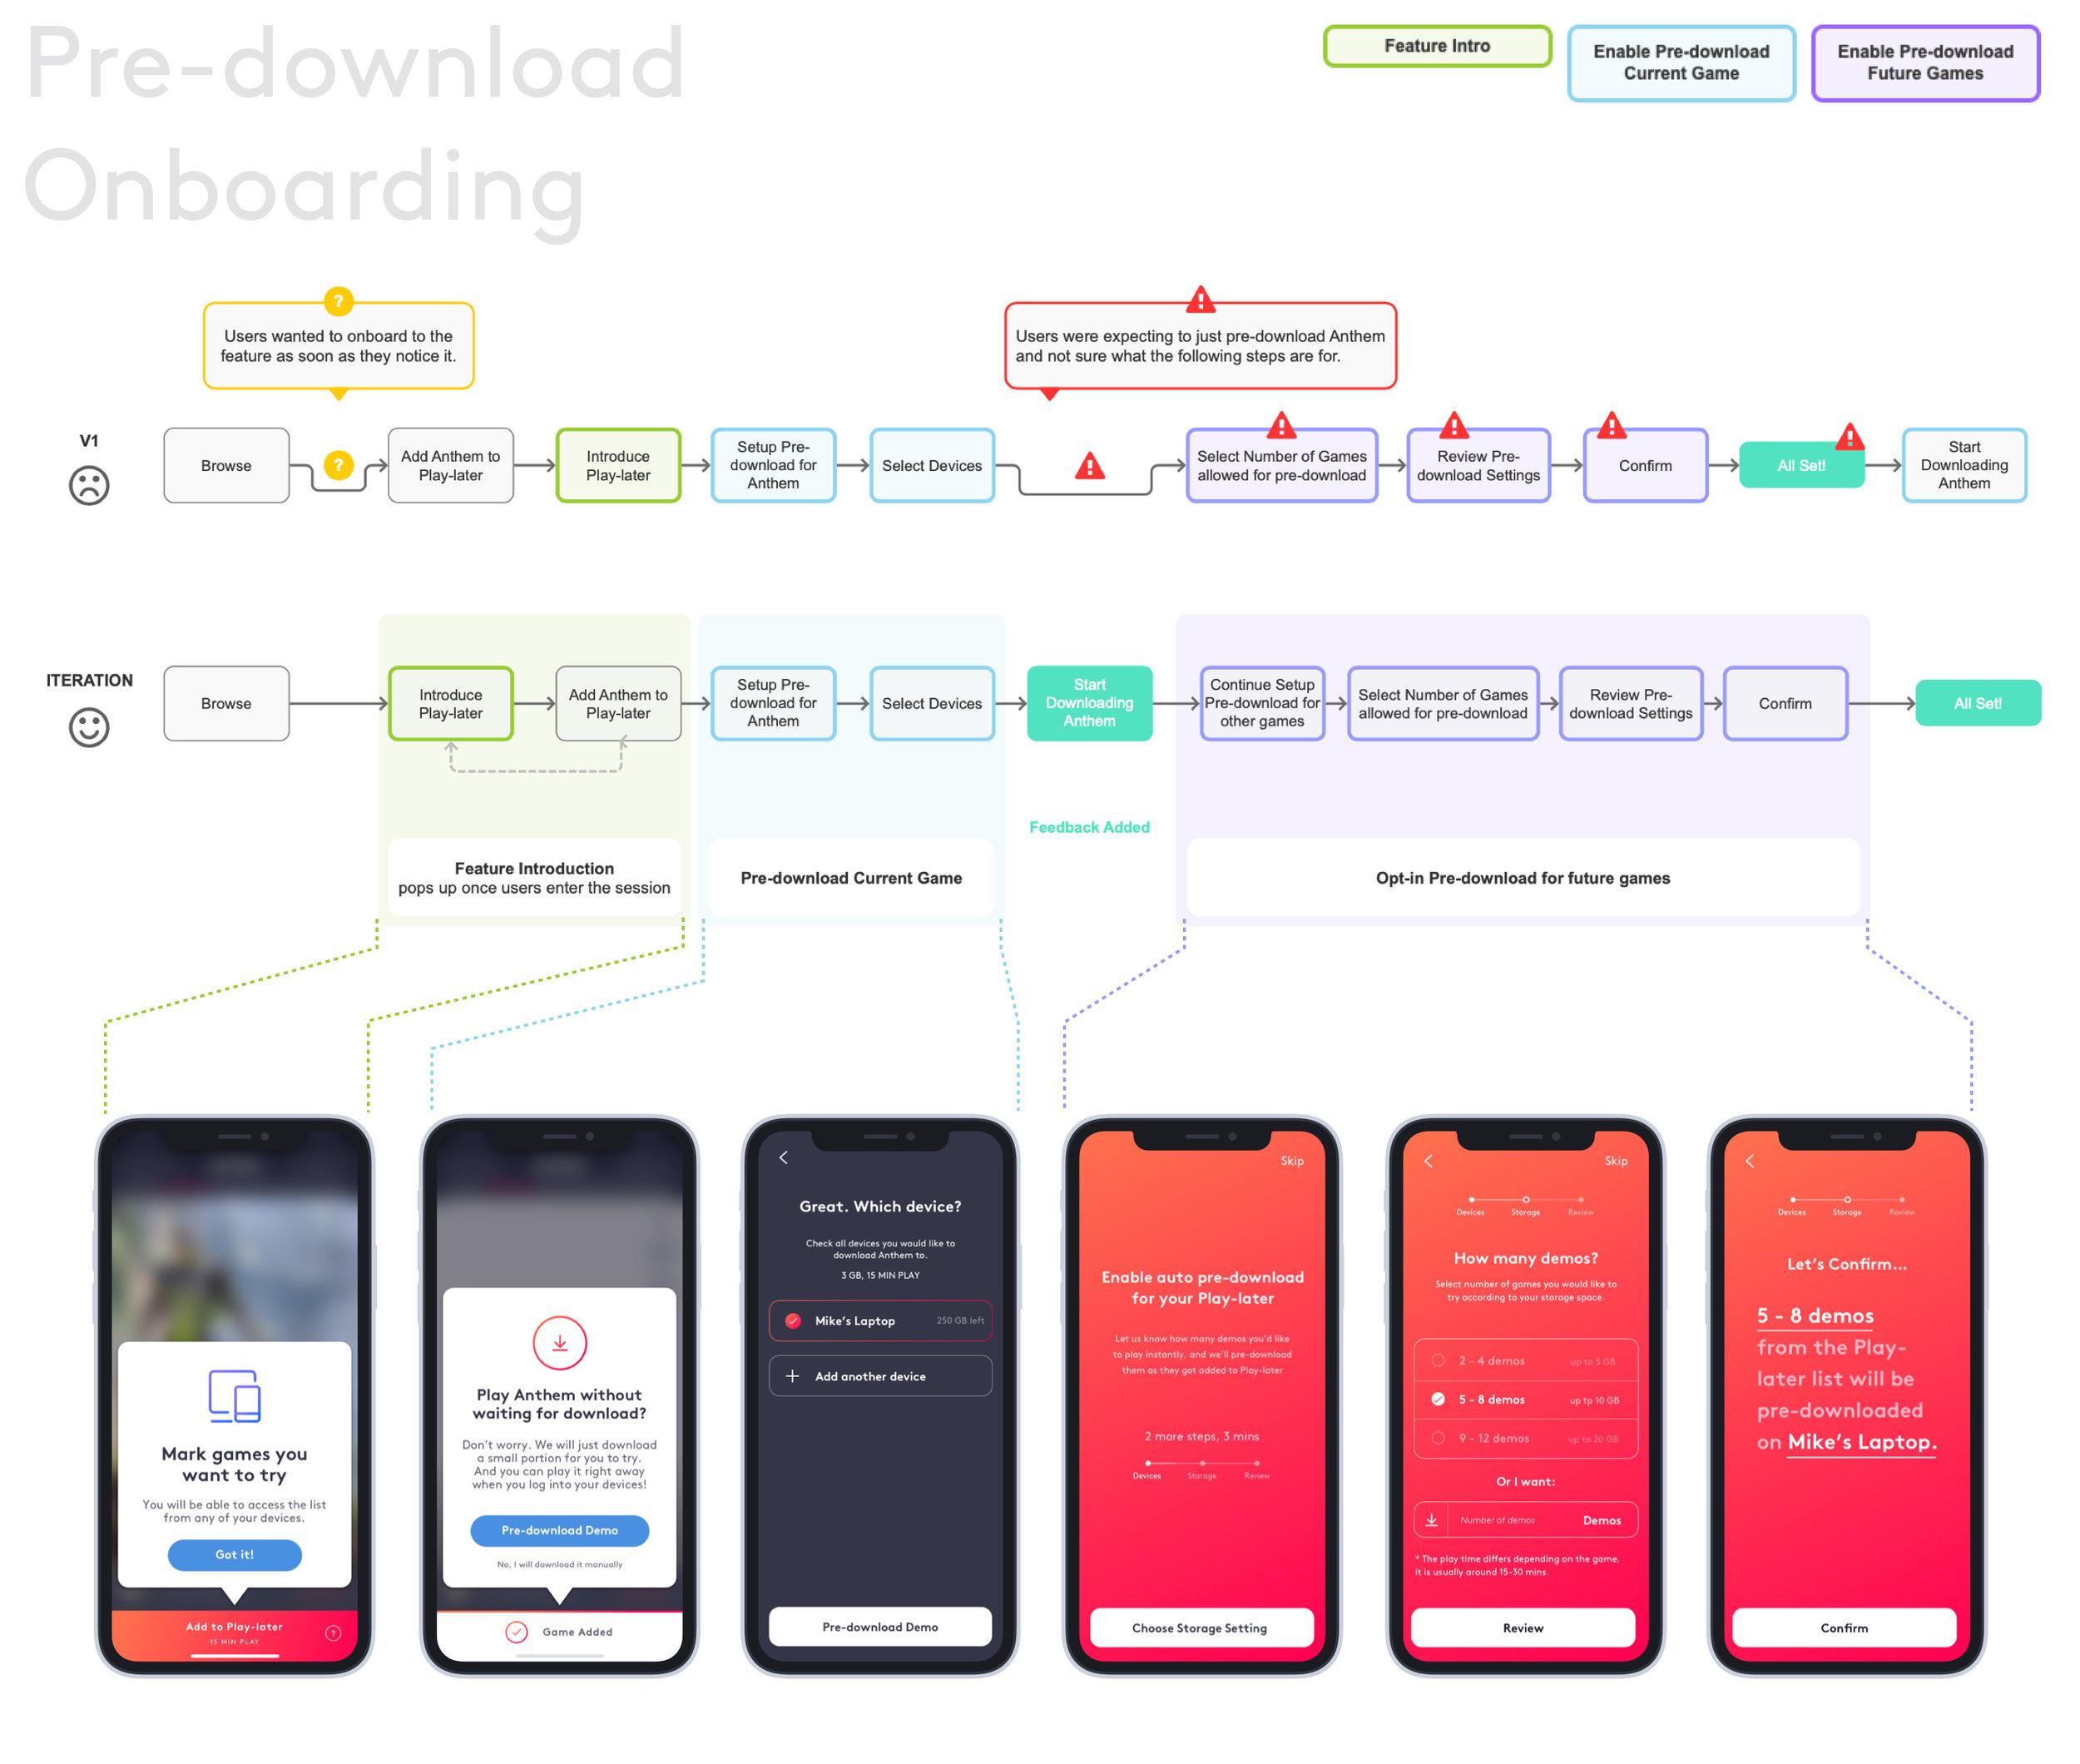 OnboardPredownload Copy.jpg